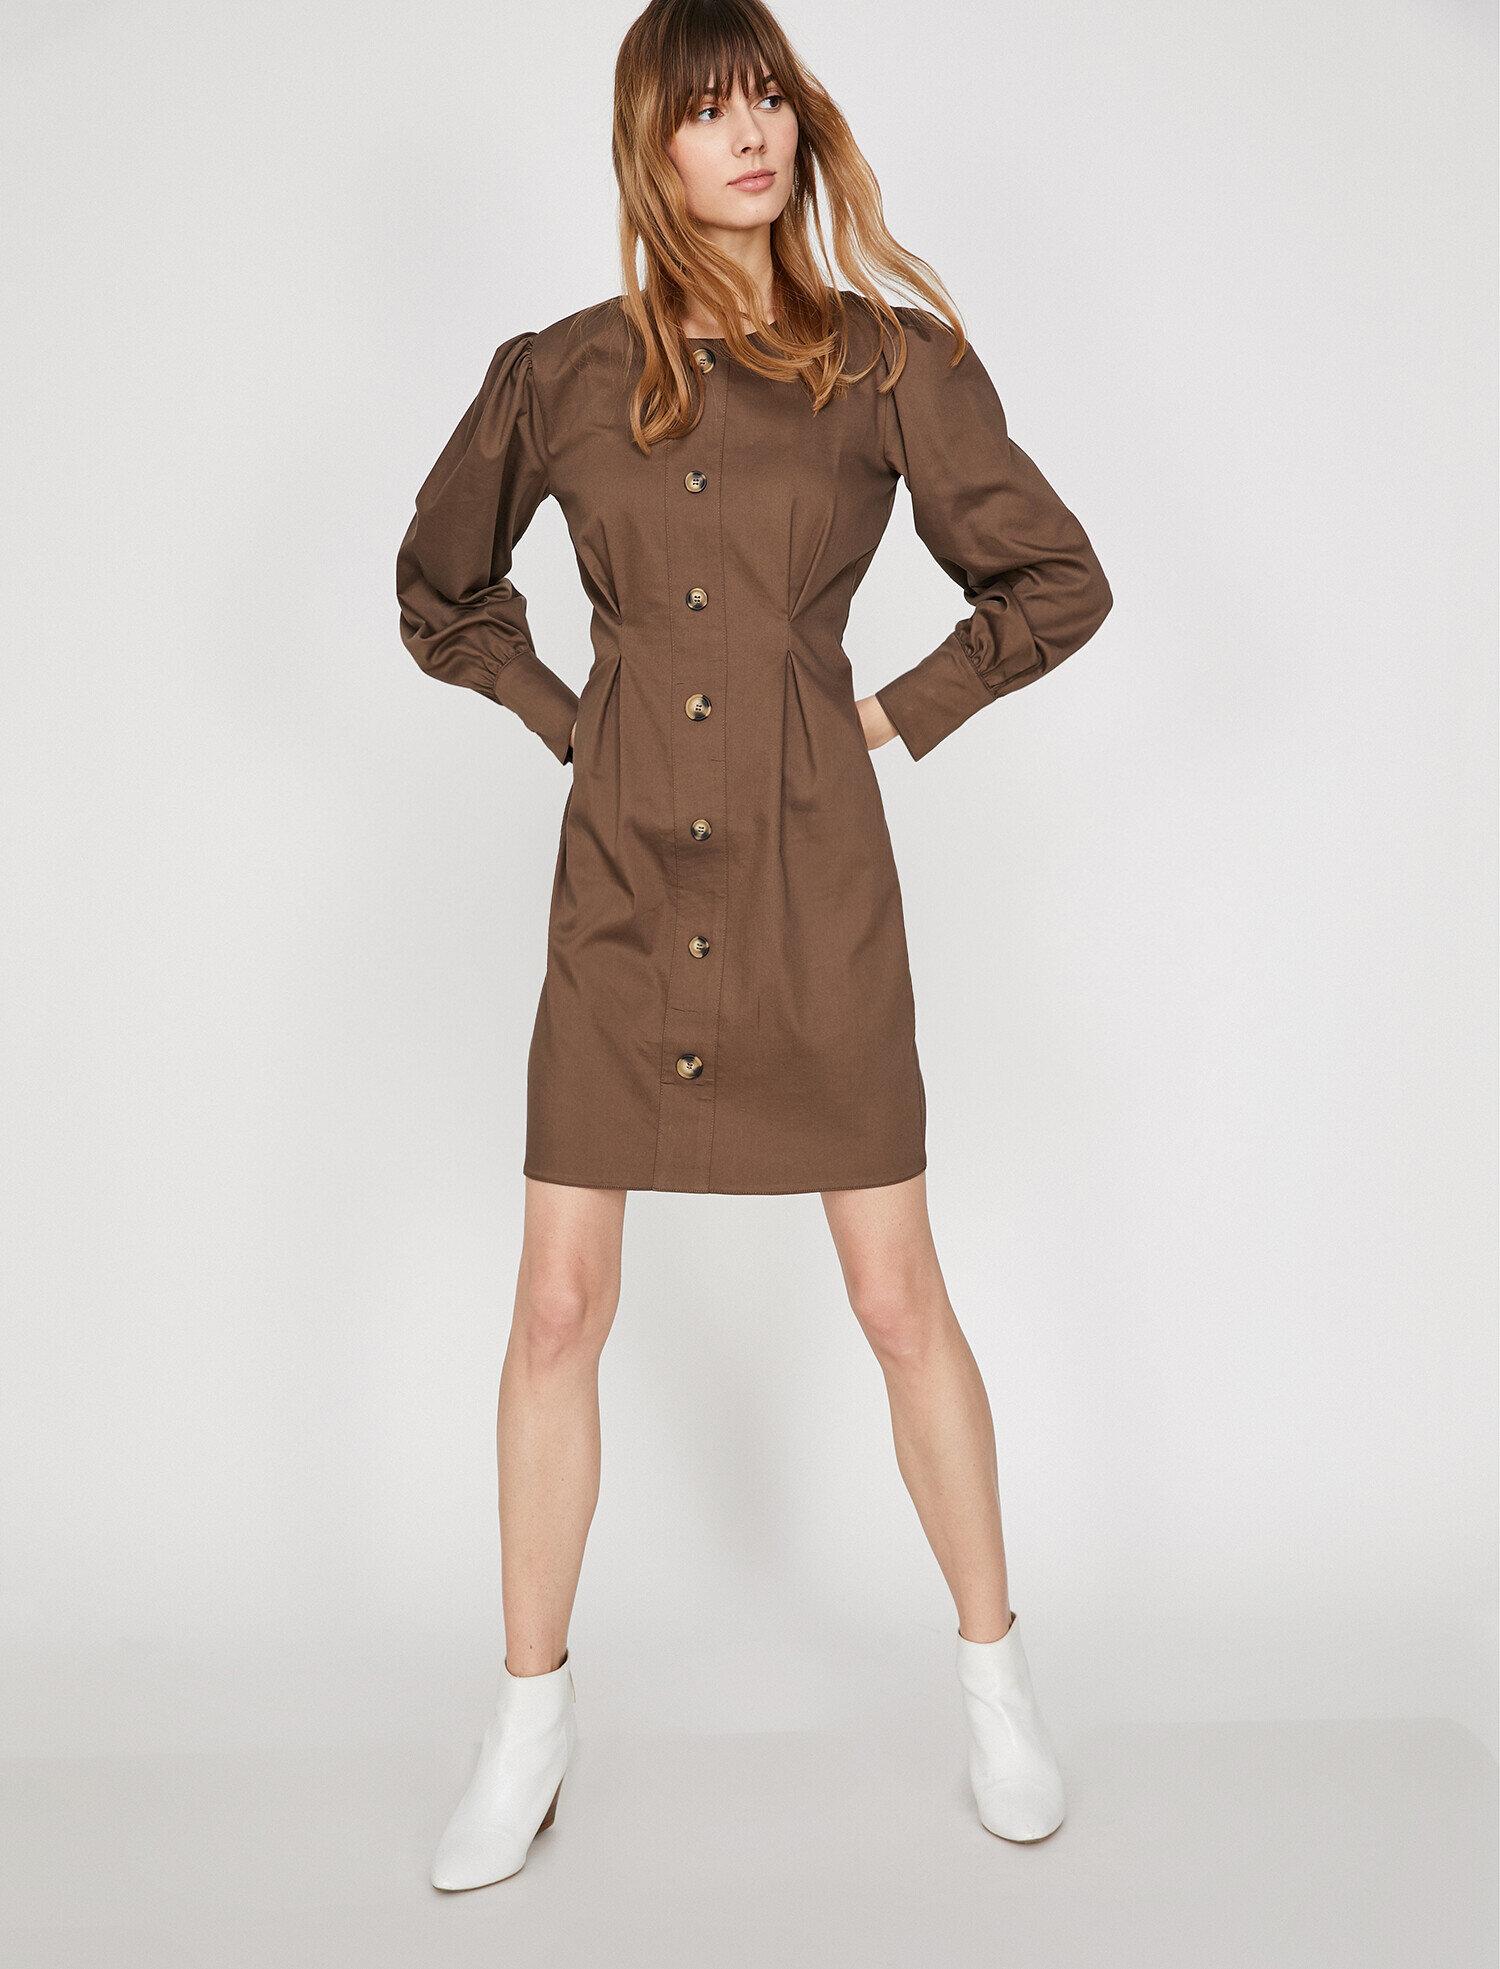 Koton Kadın Dügme Detayli Elbise Kahve Ürün Resmi